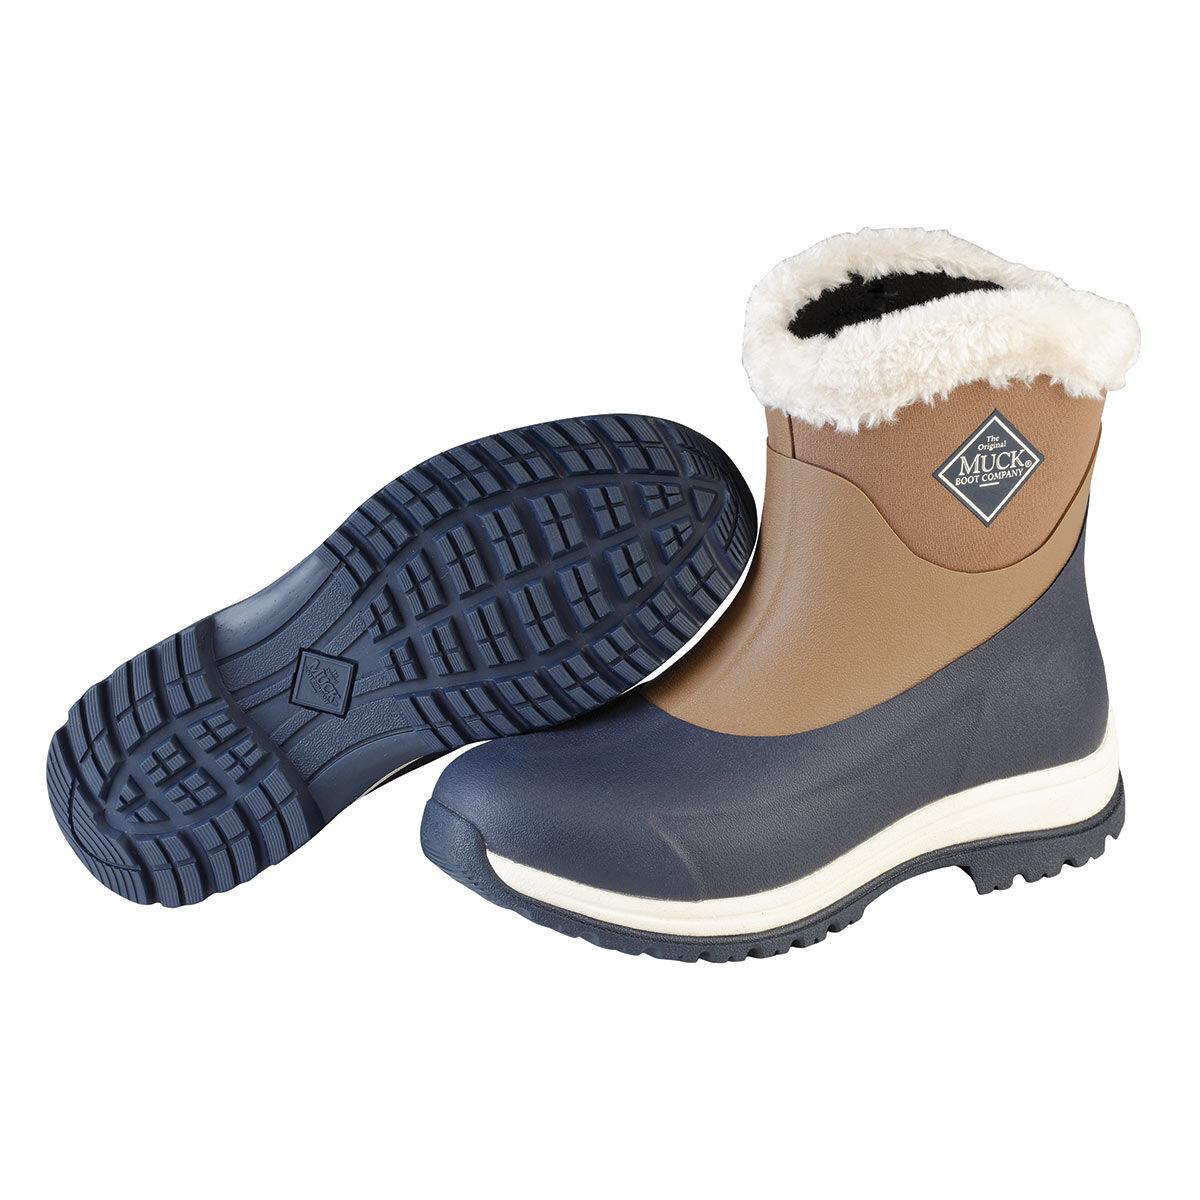 Muck Boot Arctic Apres Winter boots | Horze